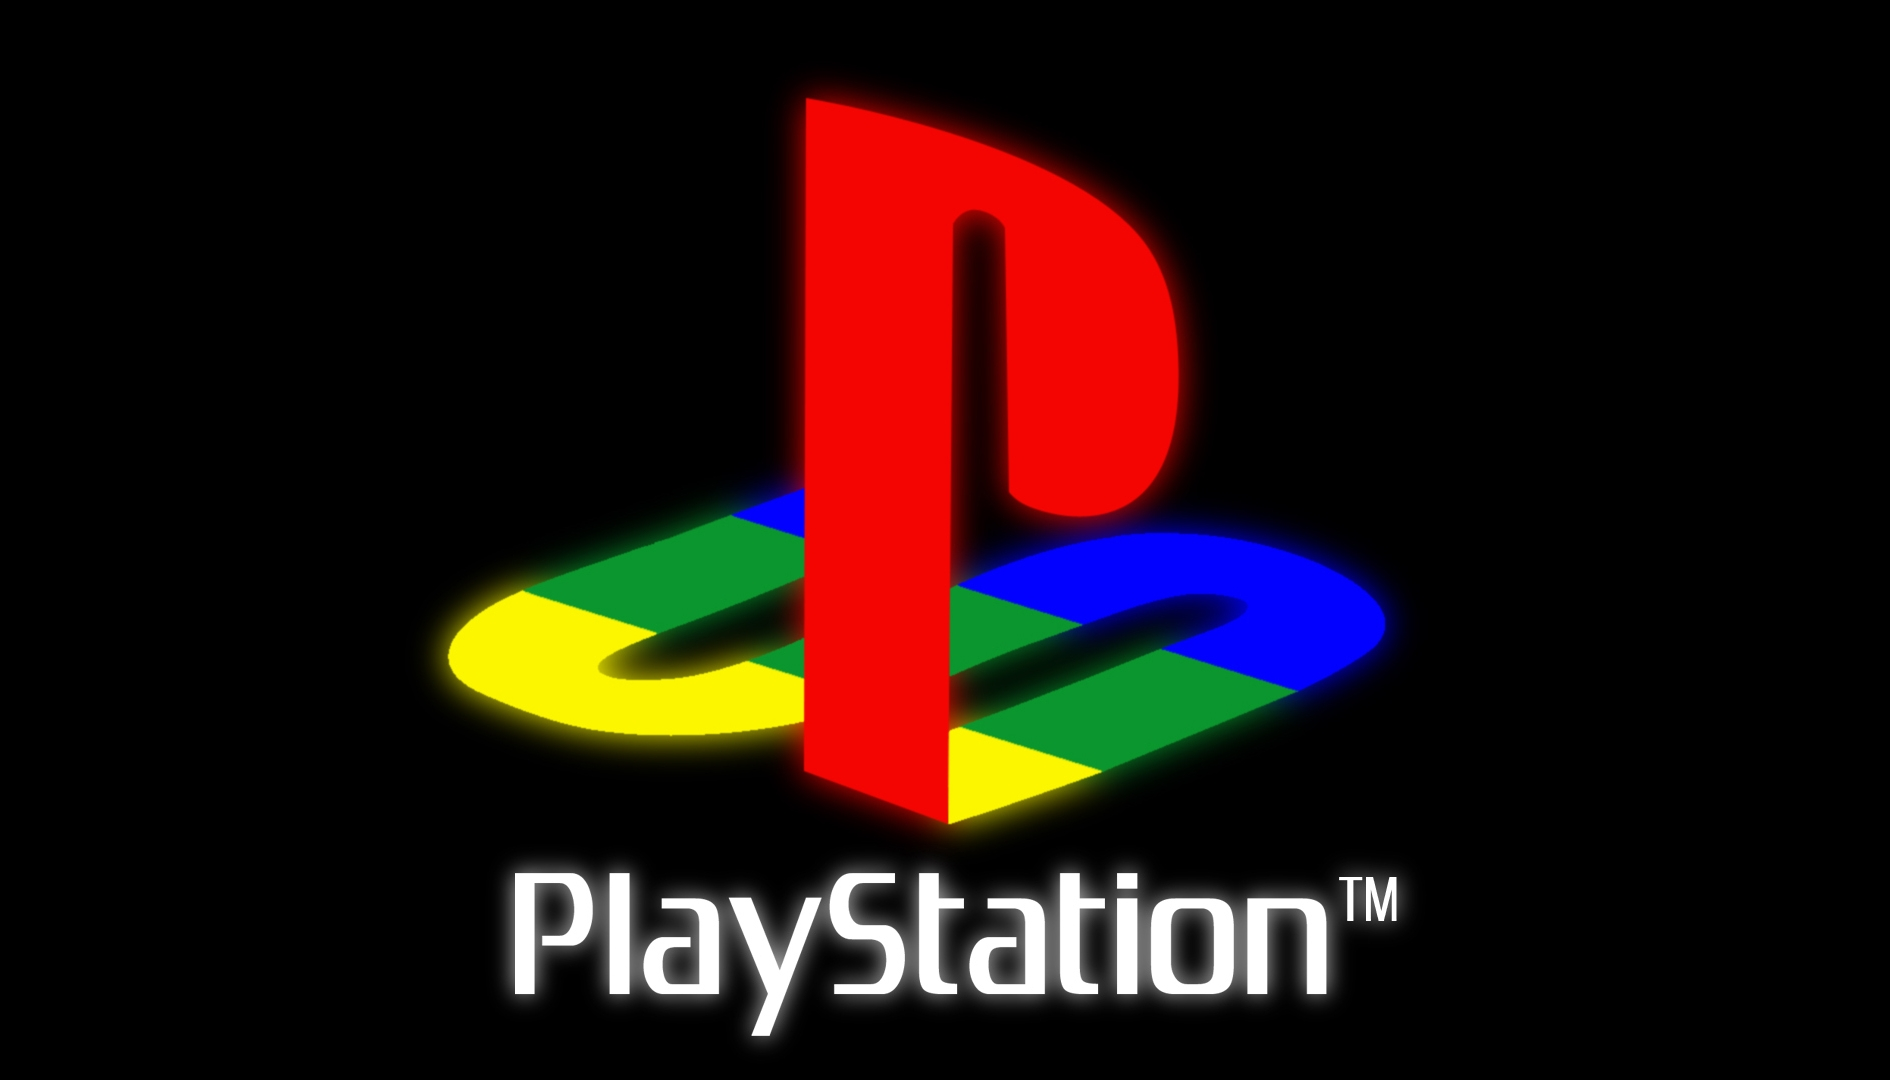 PlayStation: un dettaglio nel logo di PS1 potrebbe esservi sfuggito per anni